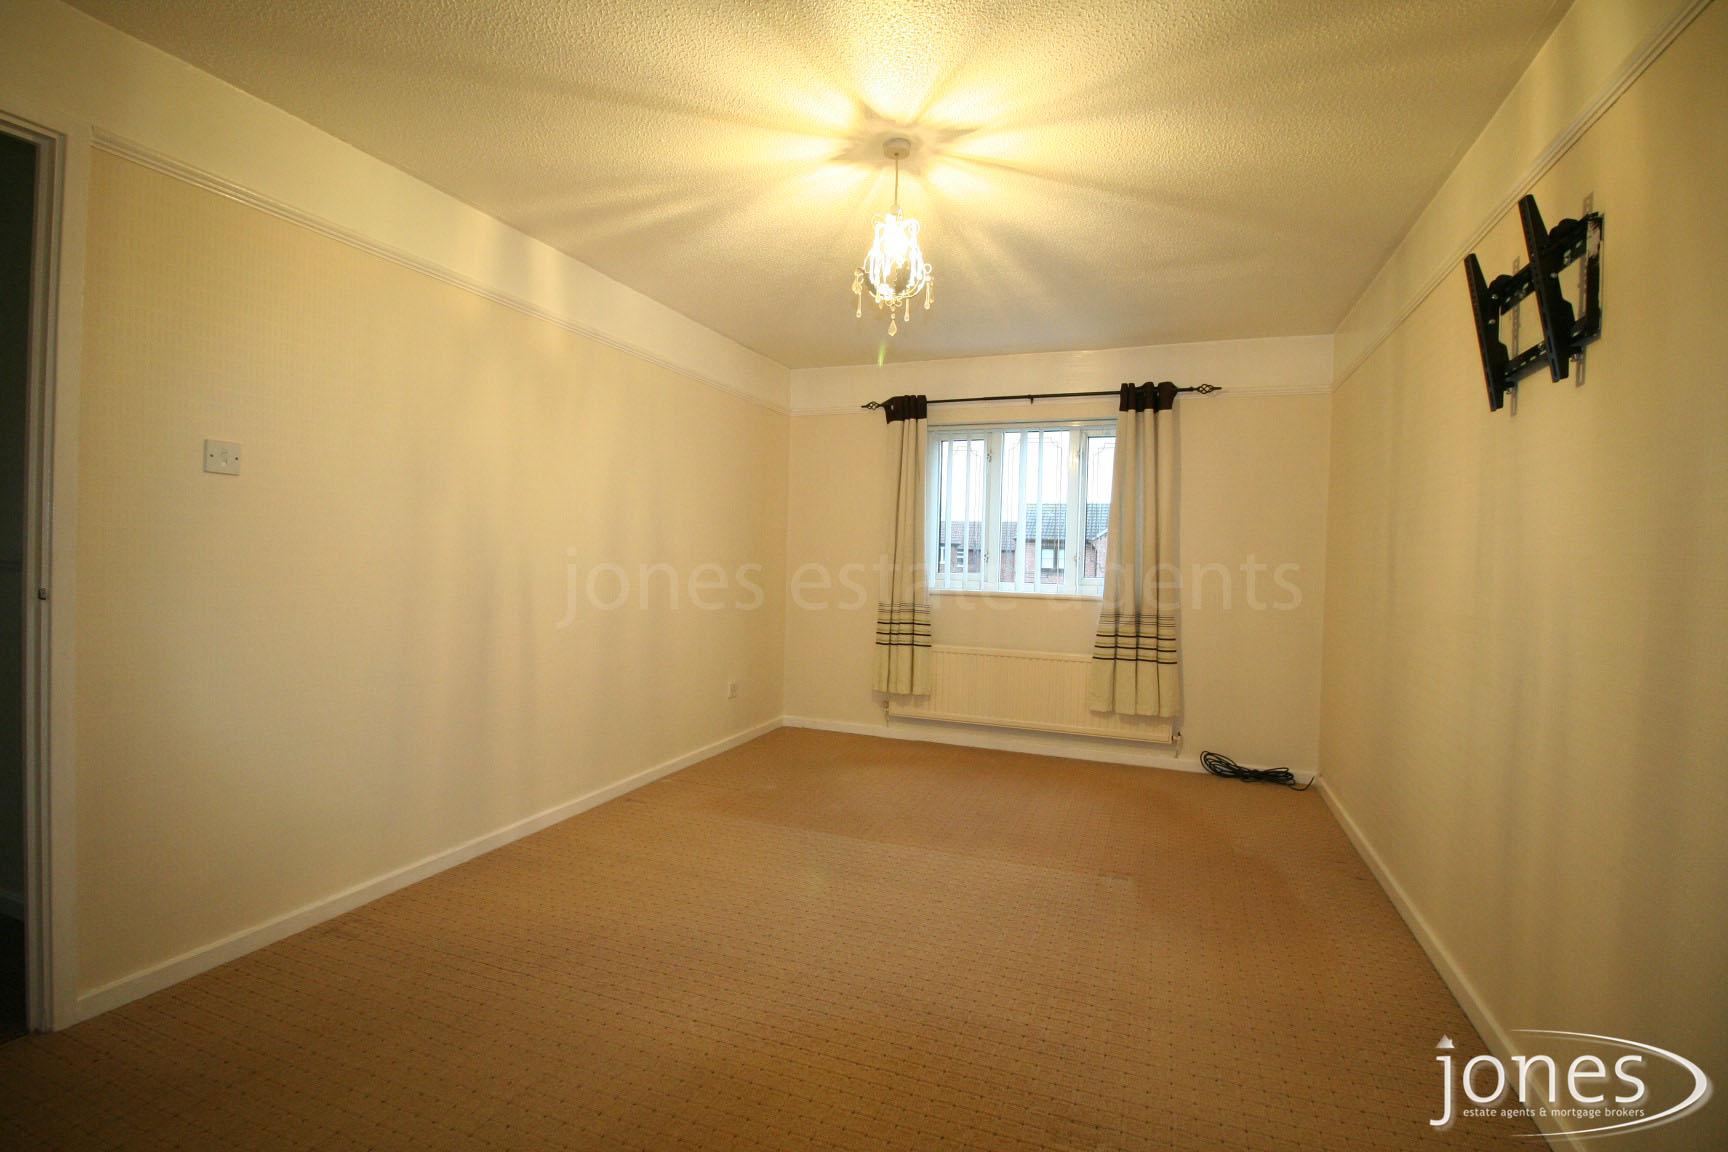 Home for Sale Let - Photo 05 Millington Close, Billingham, TS23 3FD